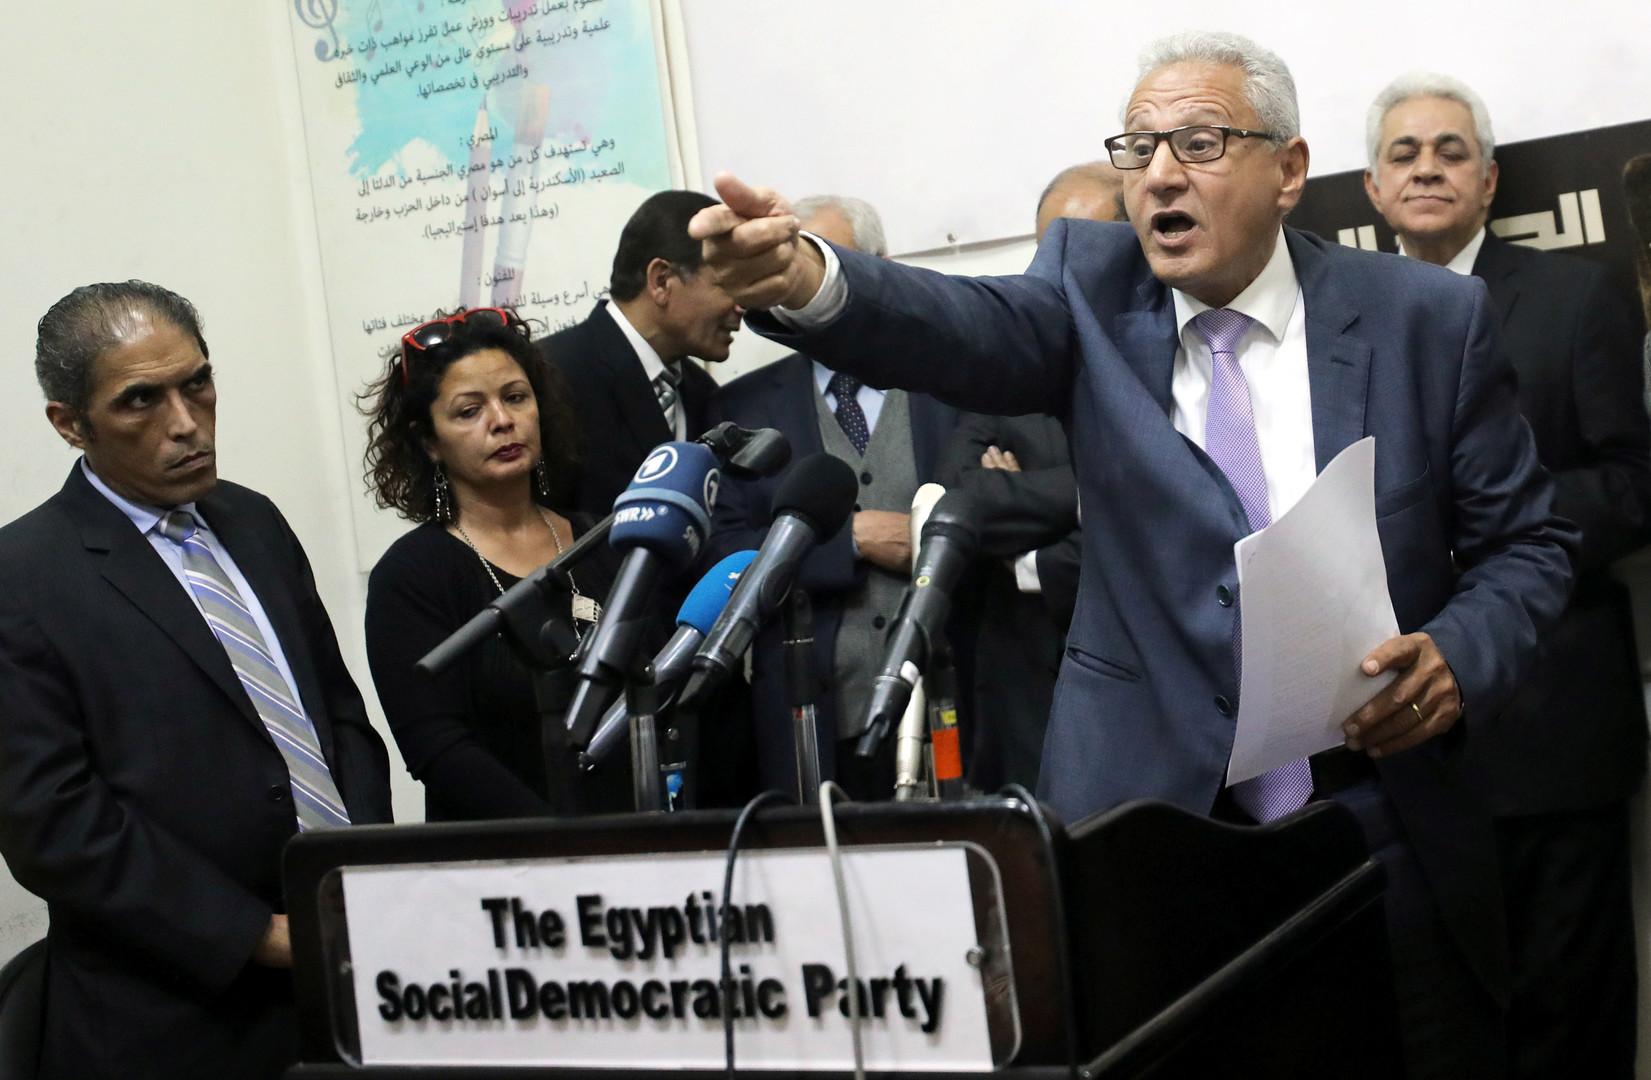 حركة مصرية معارضة: التعديلات اعتداء على الدستور ويجب رفضها